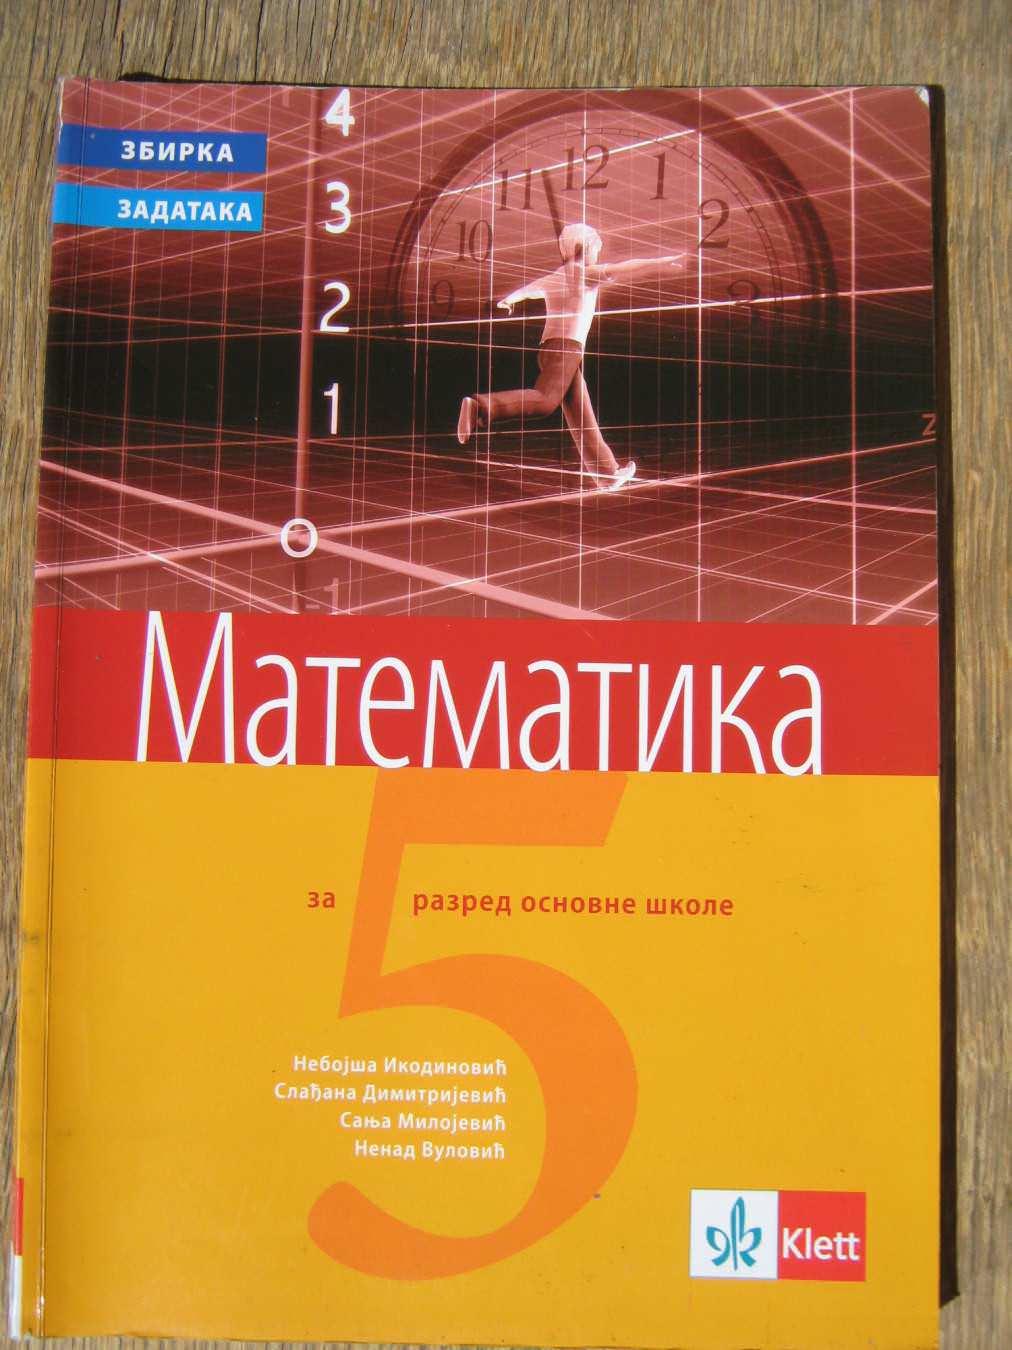 Matematika zbirka zadataka za 5. razred Klett